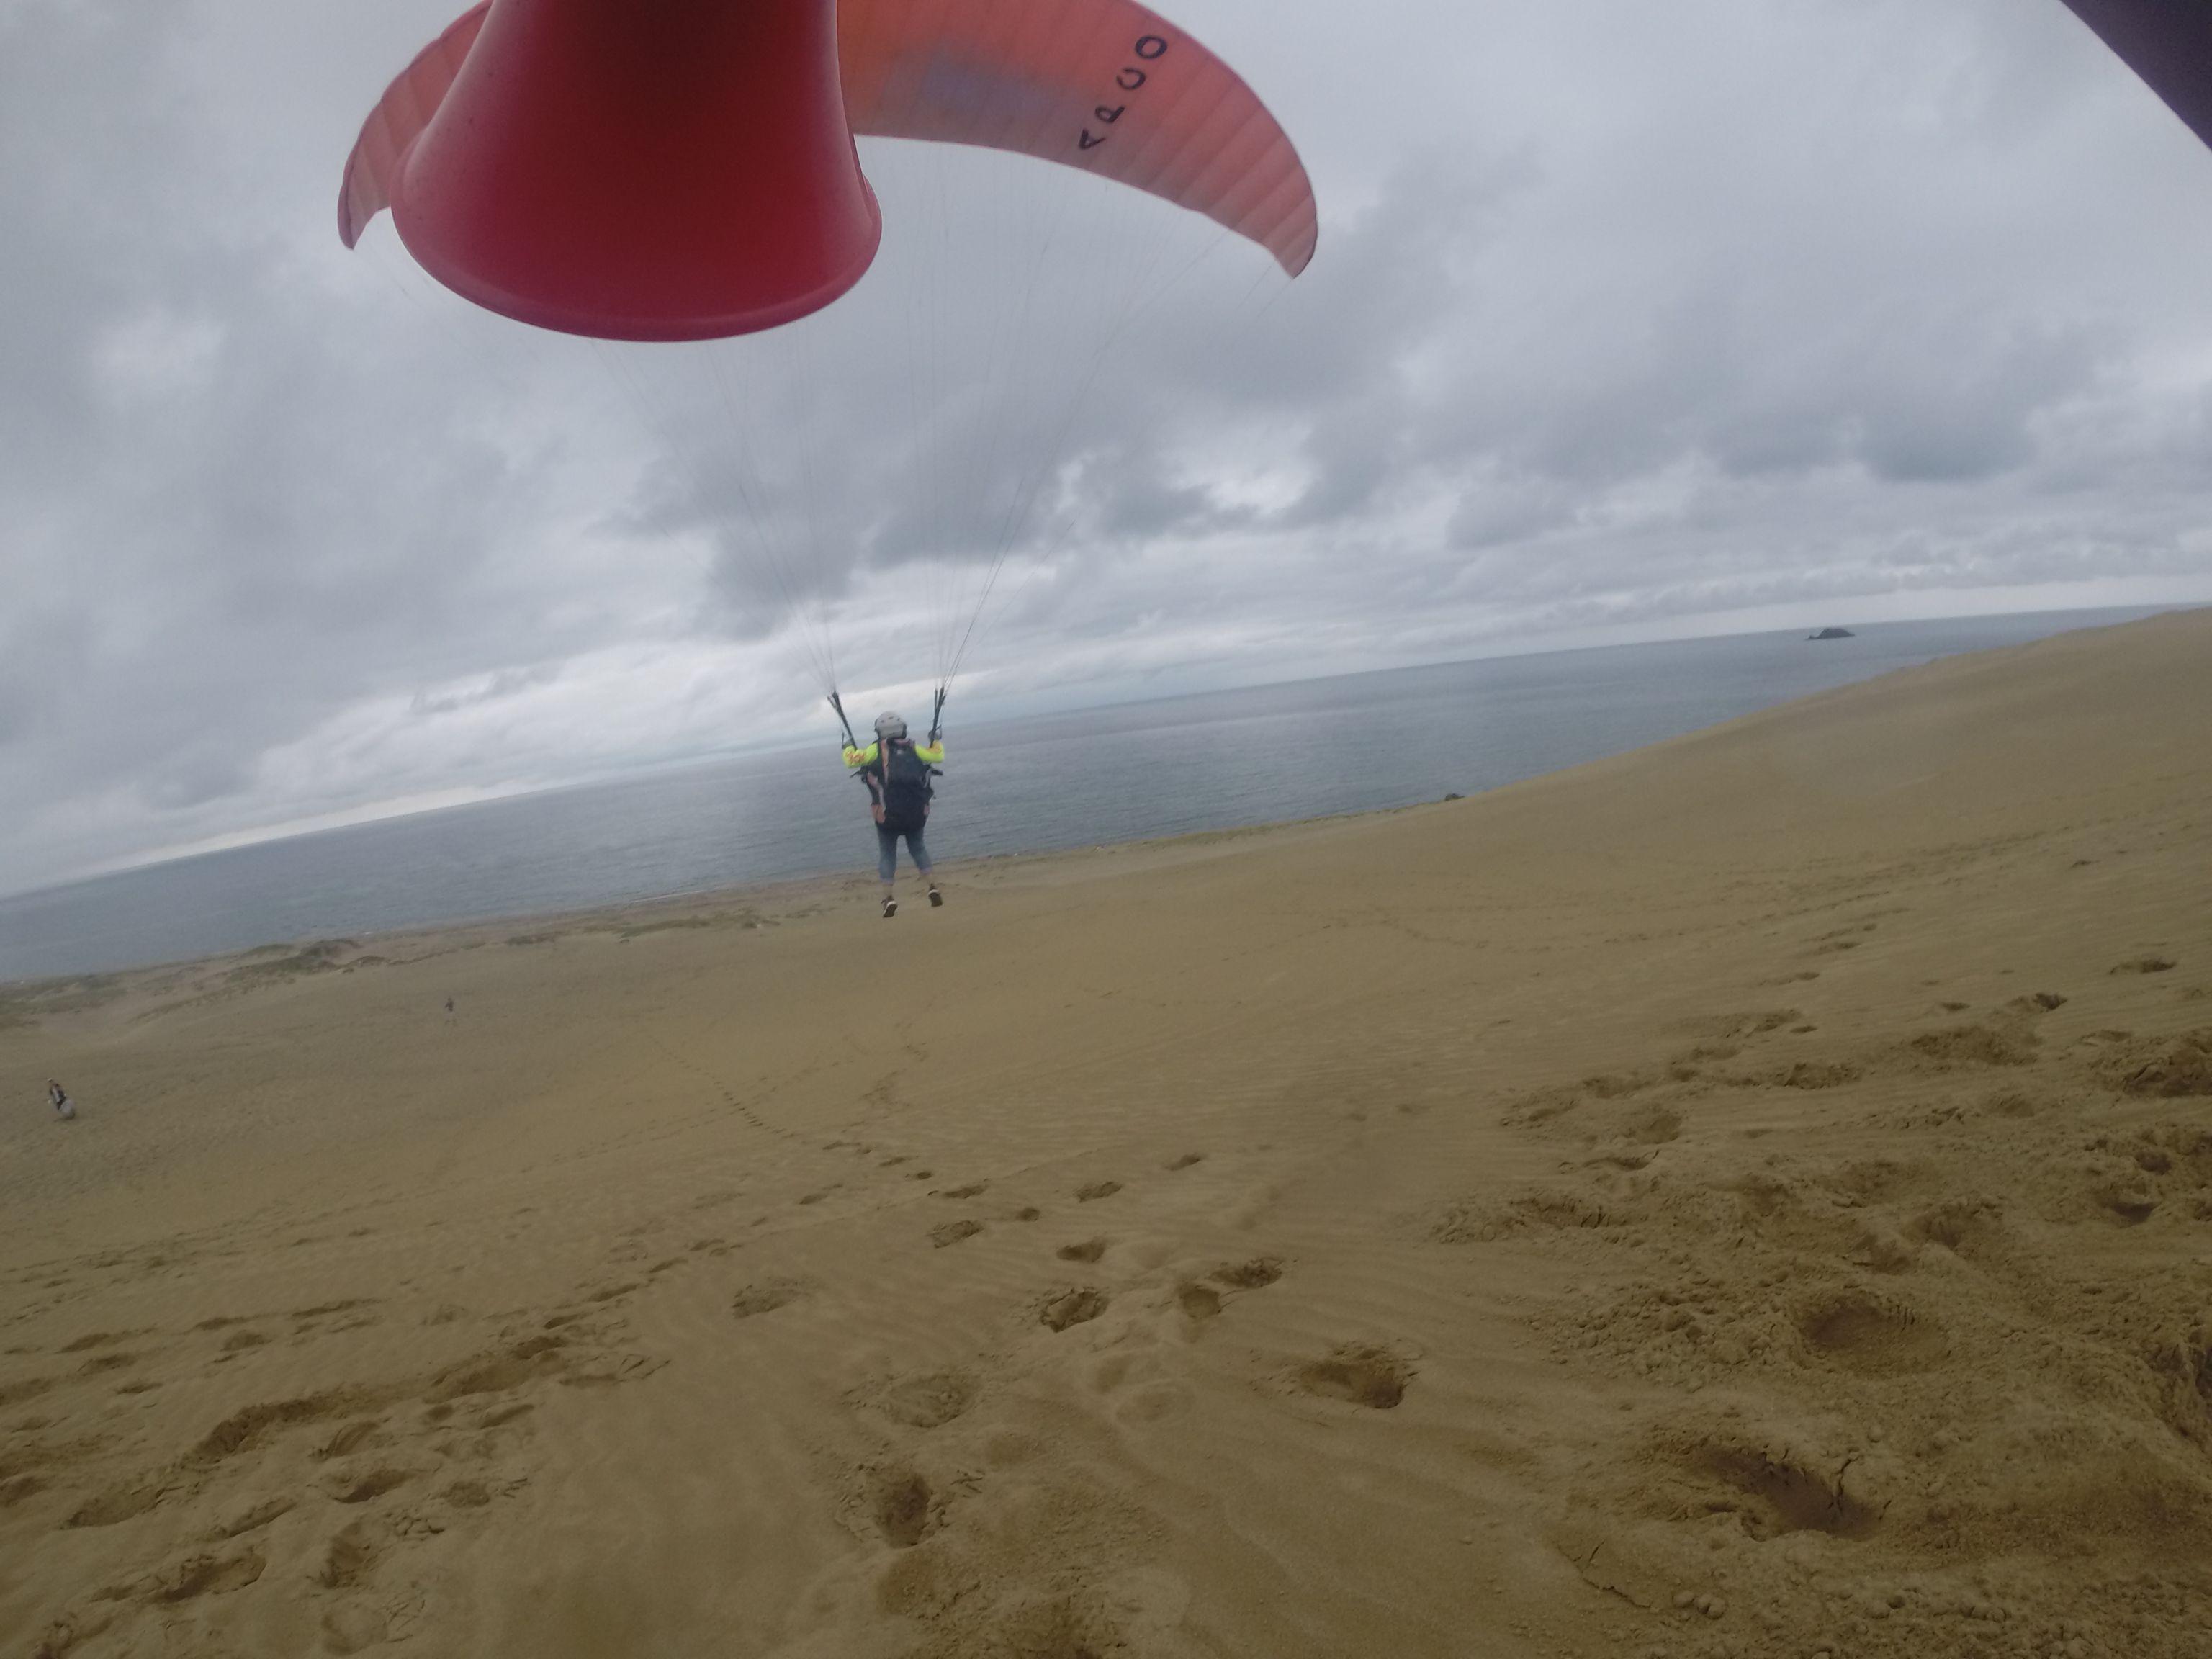 本格的な降りになるまでにたっぷり飛べました